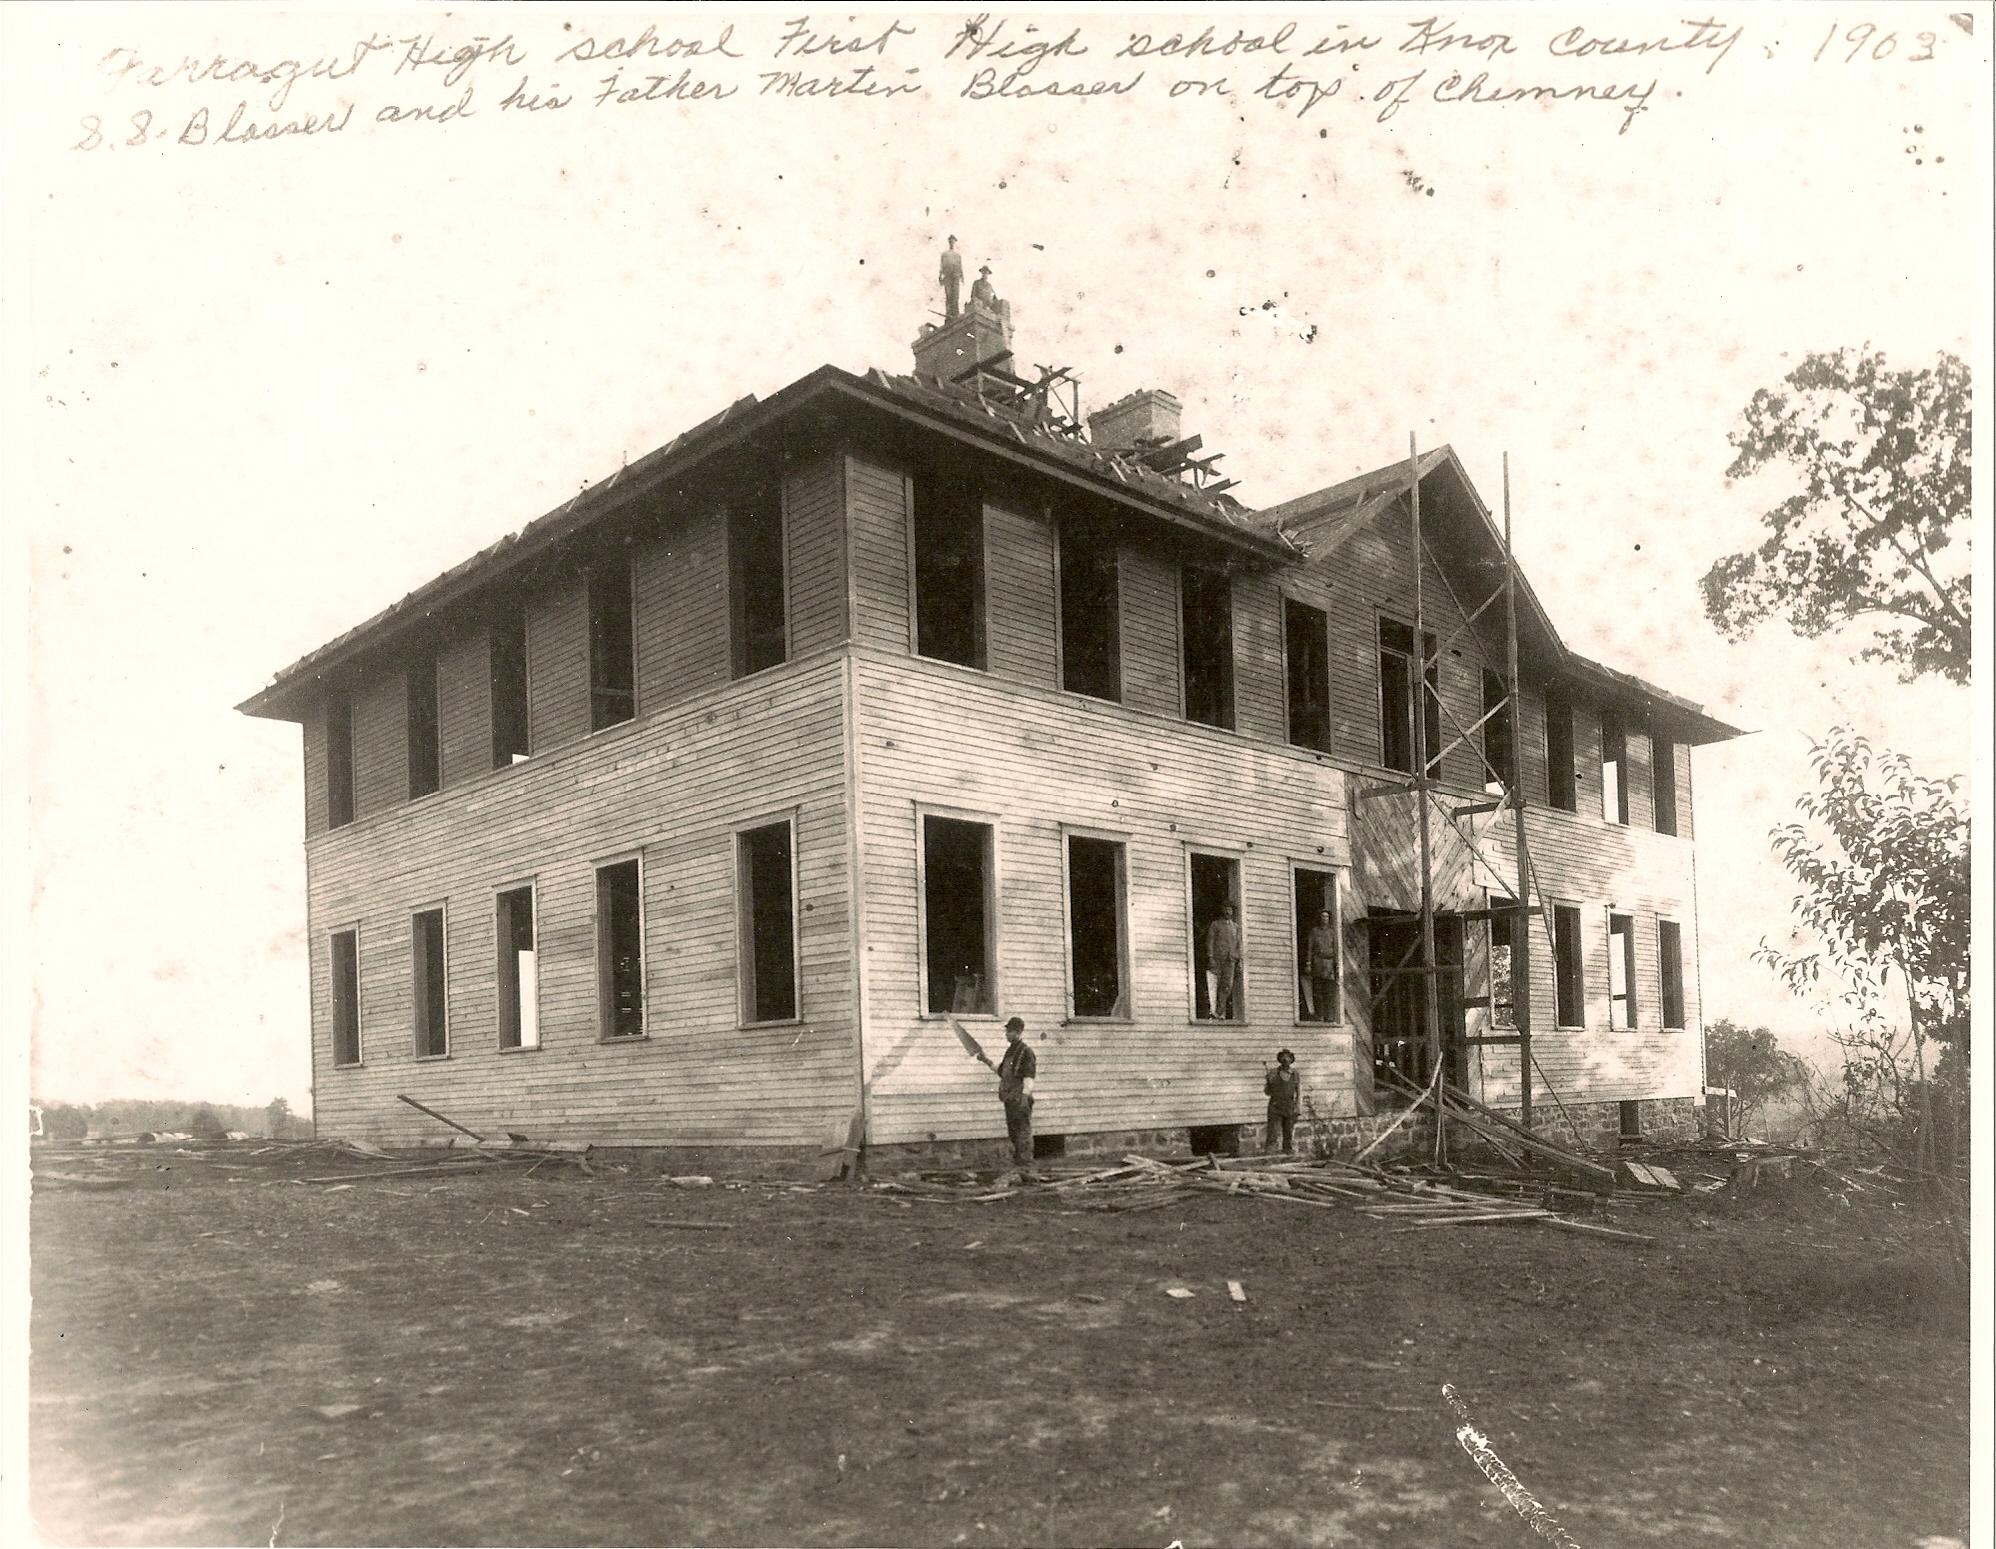 Farragut High School being built 1903